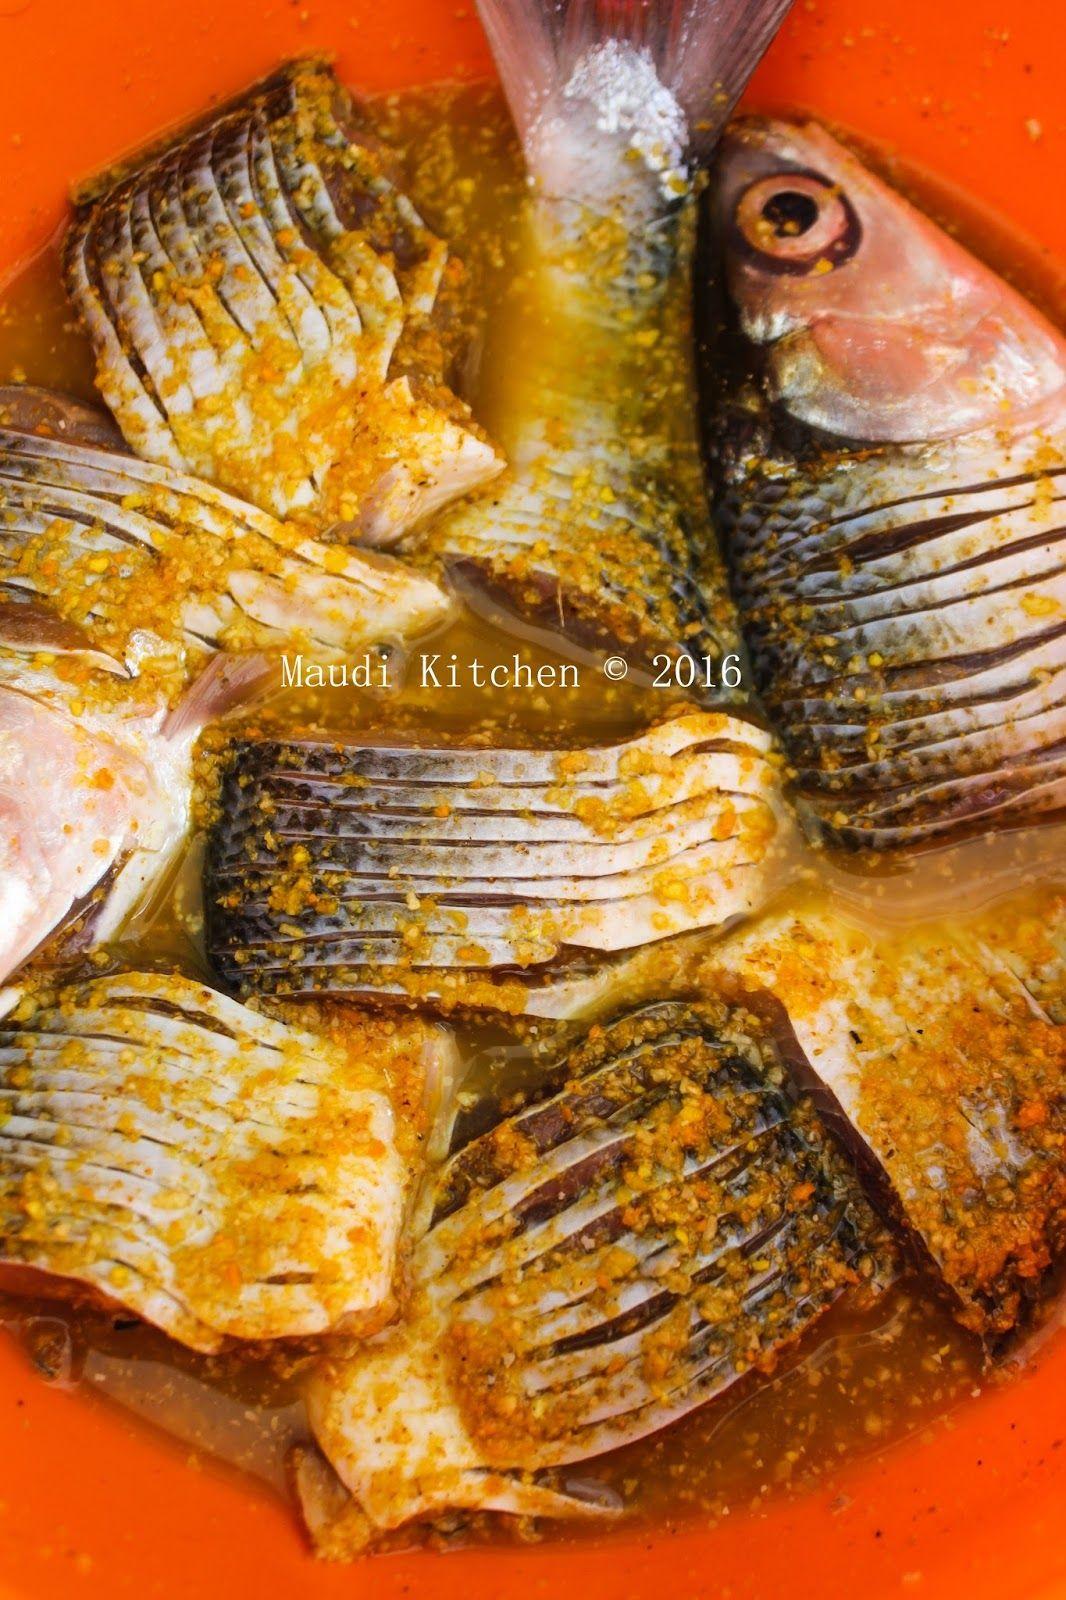 Kali Ini Aku Ingin Berbagai Tips Bagaimana Menggoreng Ikan Bandeng Bebas Duri Tanpa Presto Ataupun Cabut Duri Siapa Yang Makanan Ikan Resep Ikan Ide Makanan